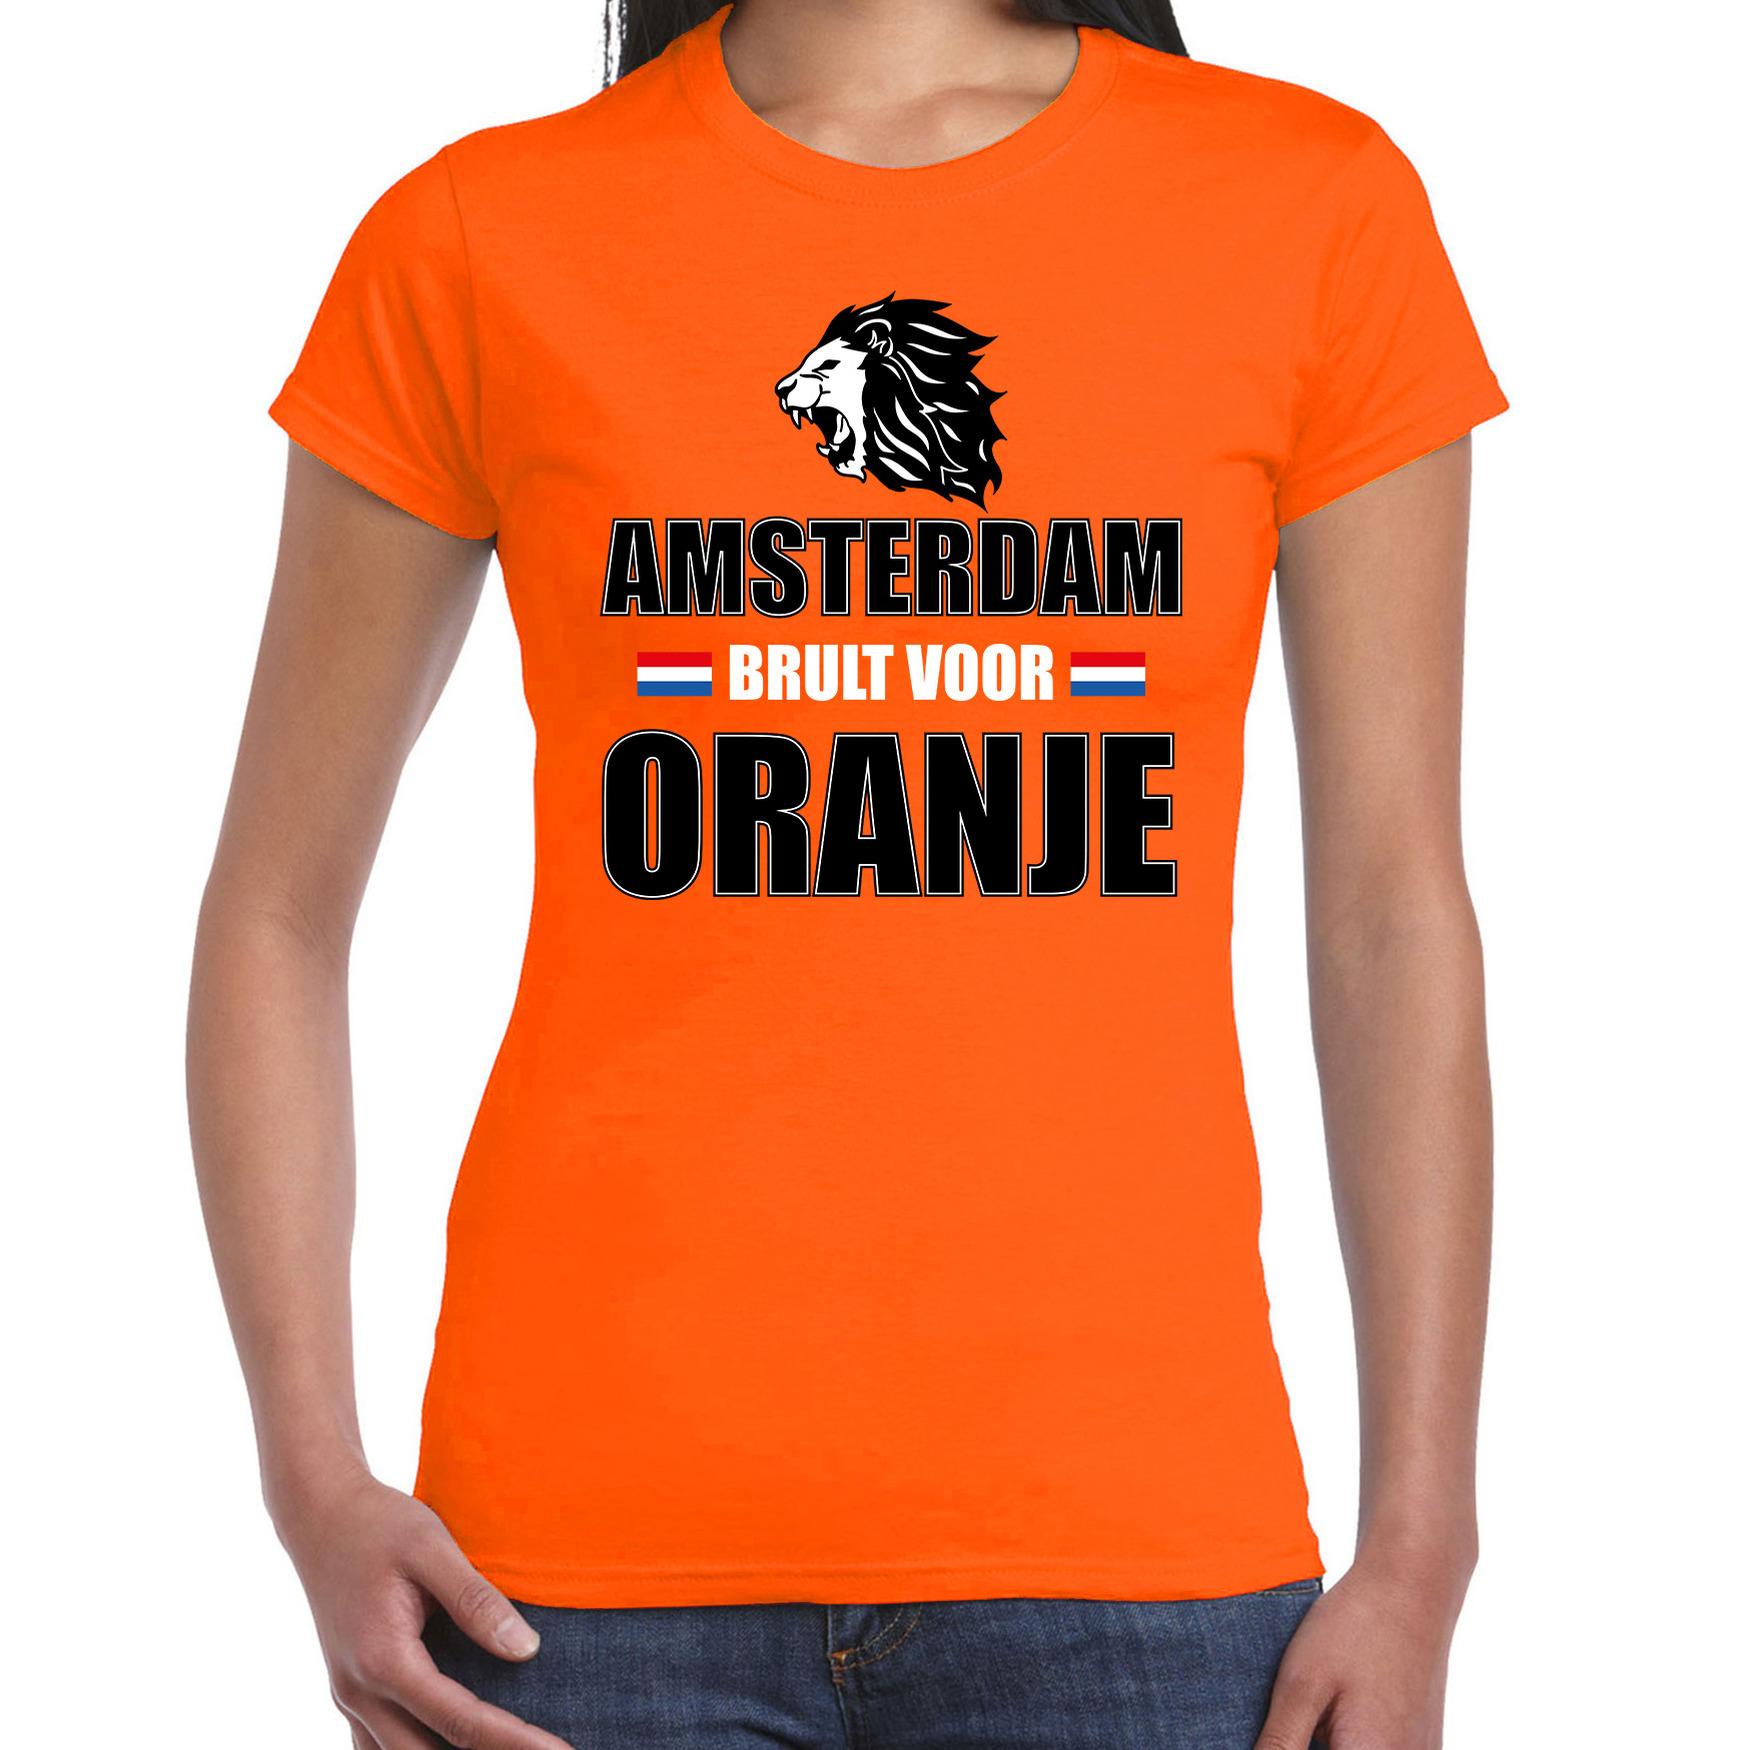 Oranje ek wk fan shirt kleding amsterdam brult voor oranje voor dames